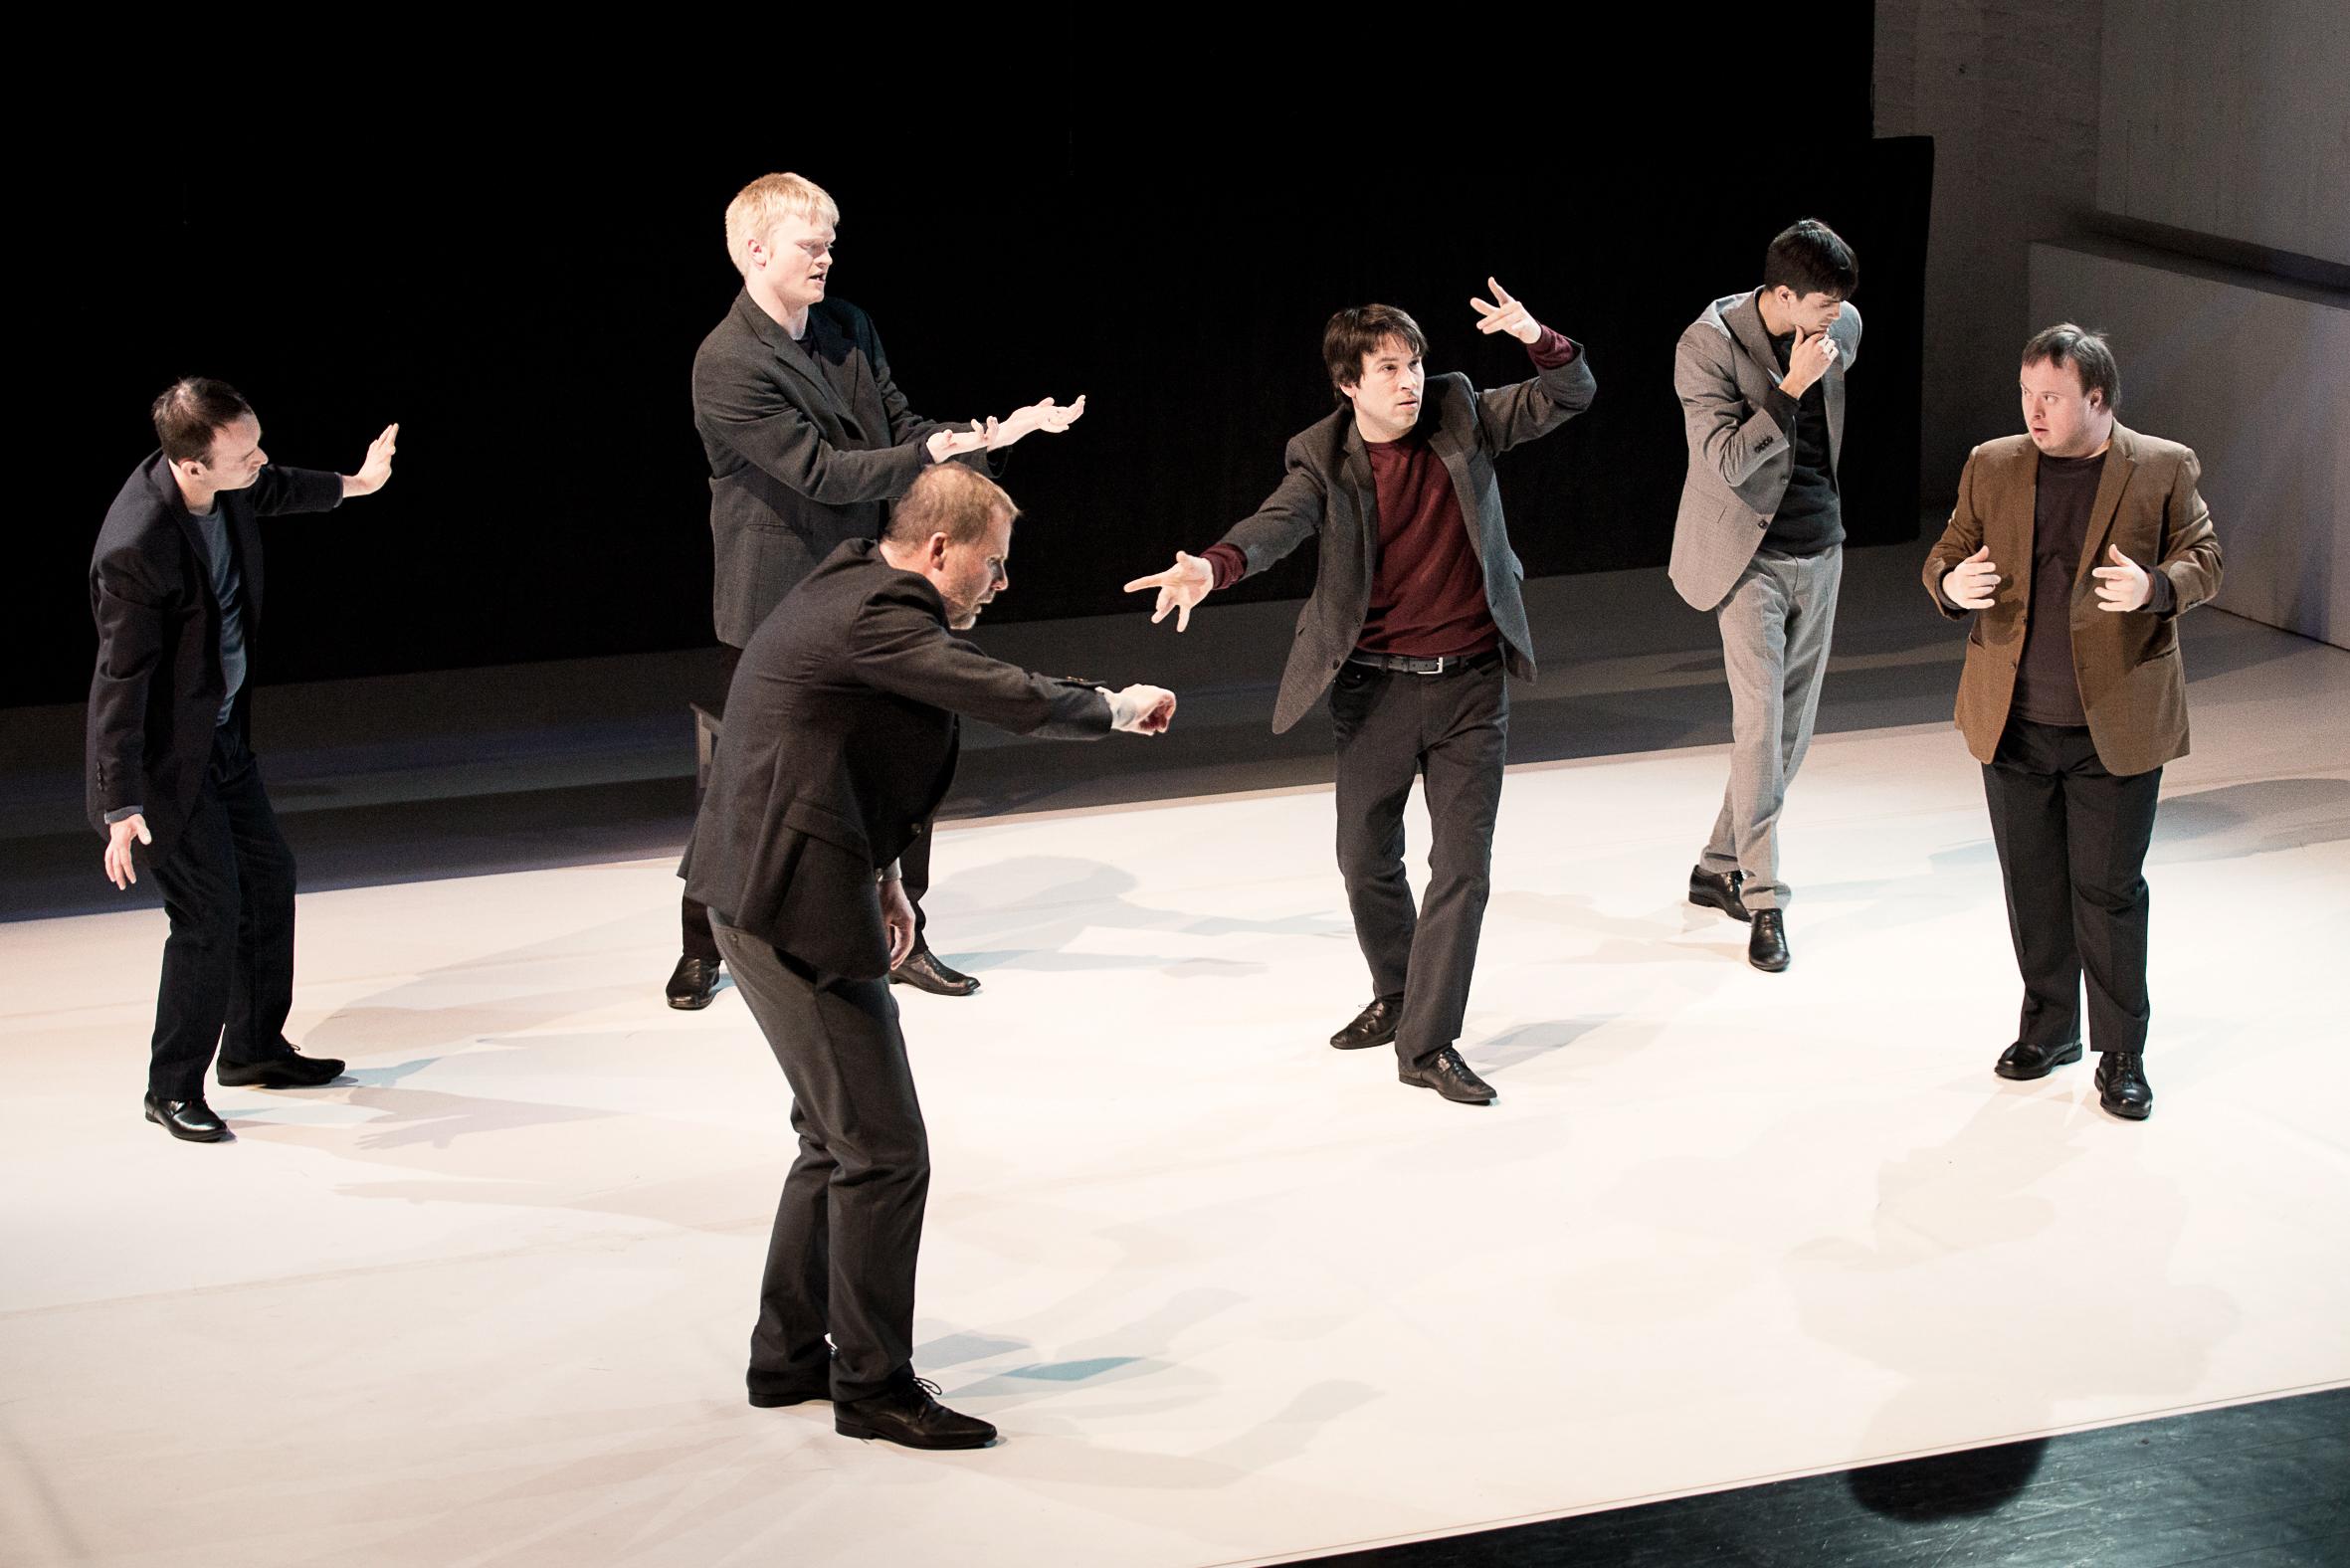 Beredt: Choreografie aus Gebärdensprache – Foto: Florian Krauss